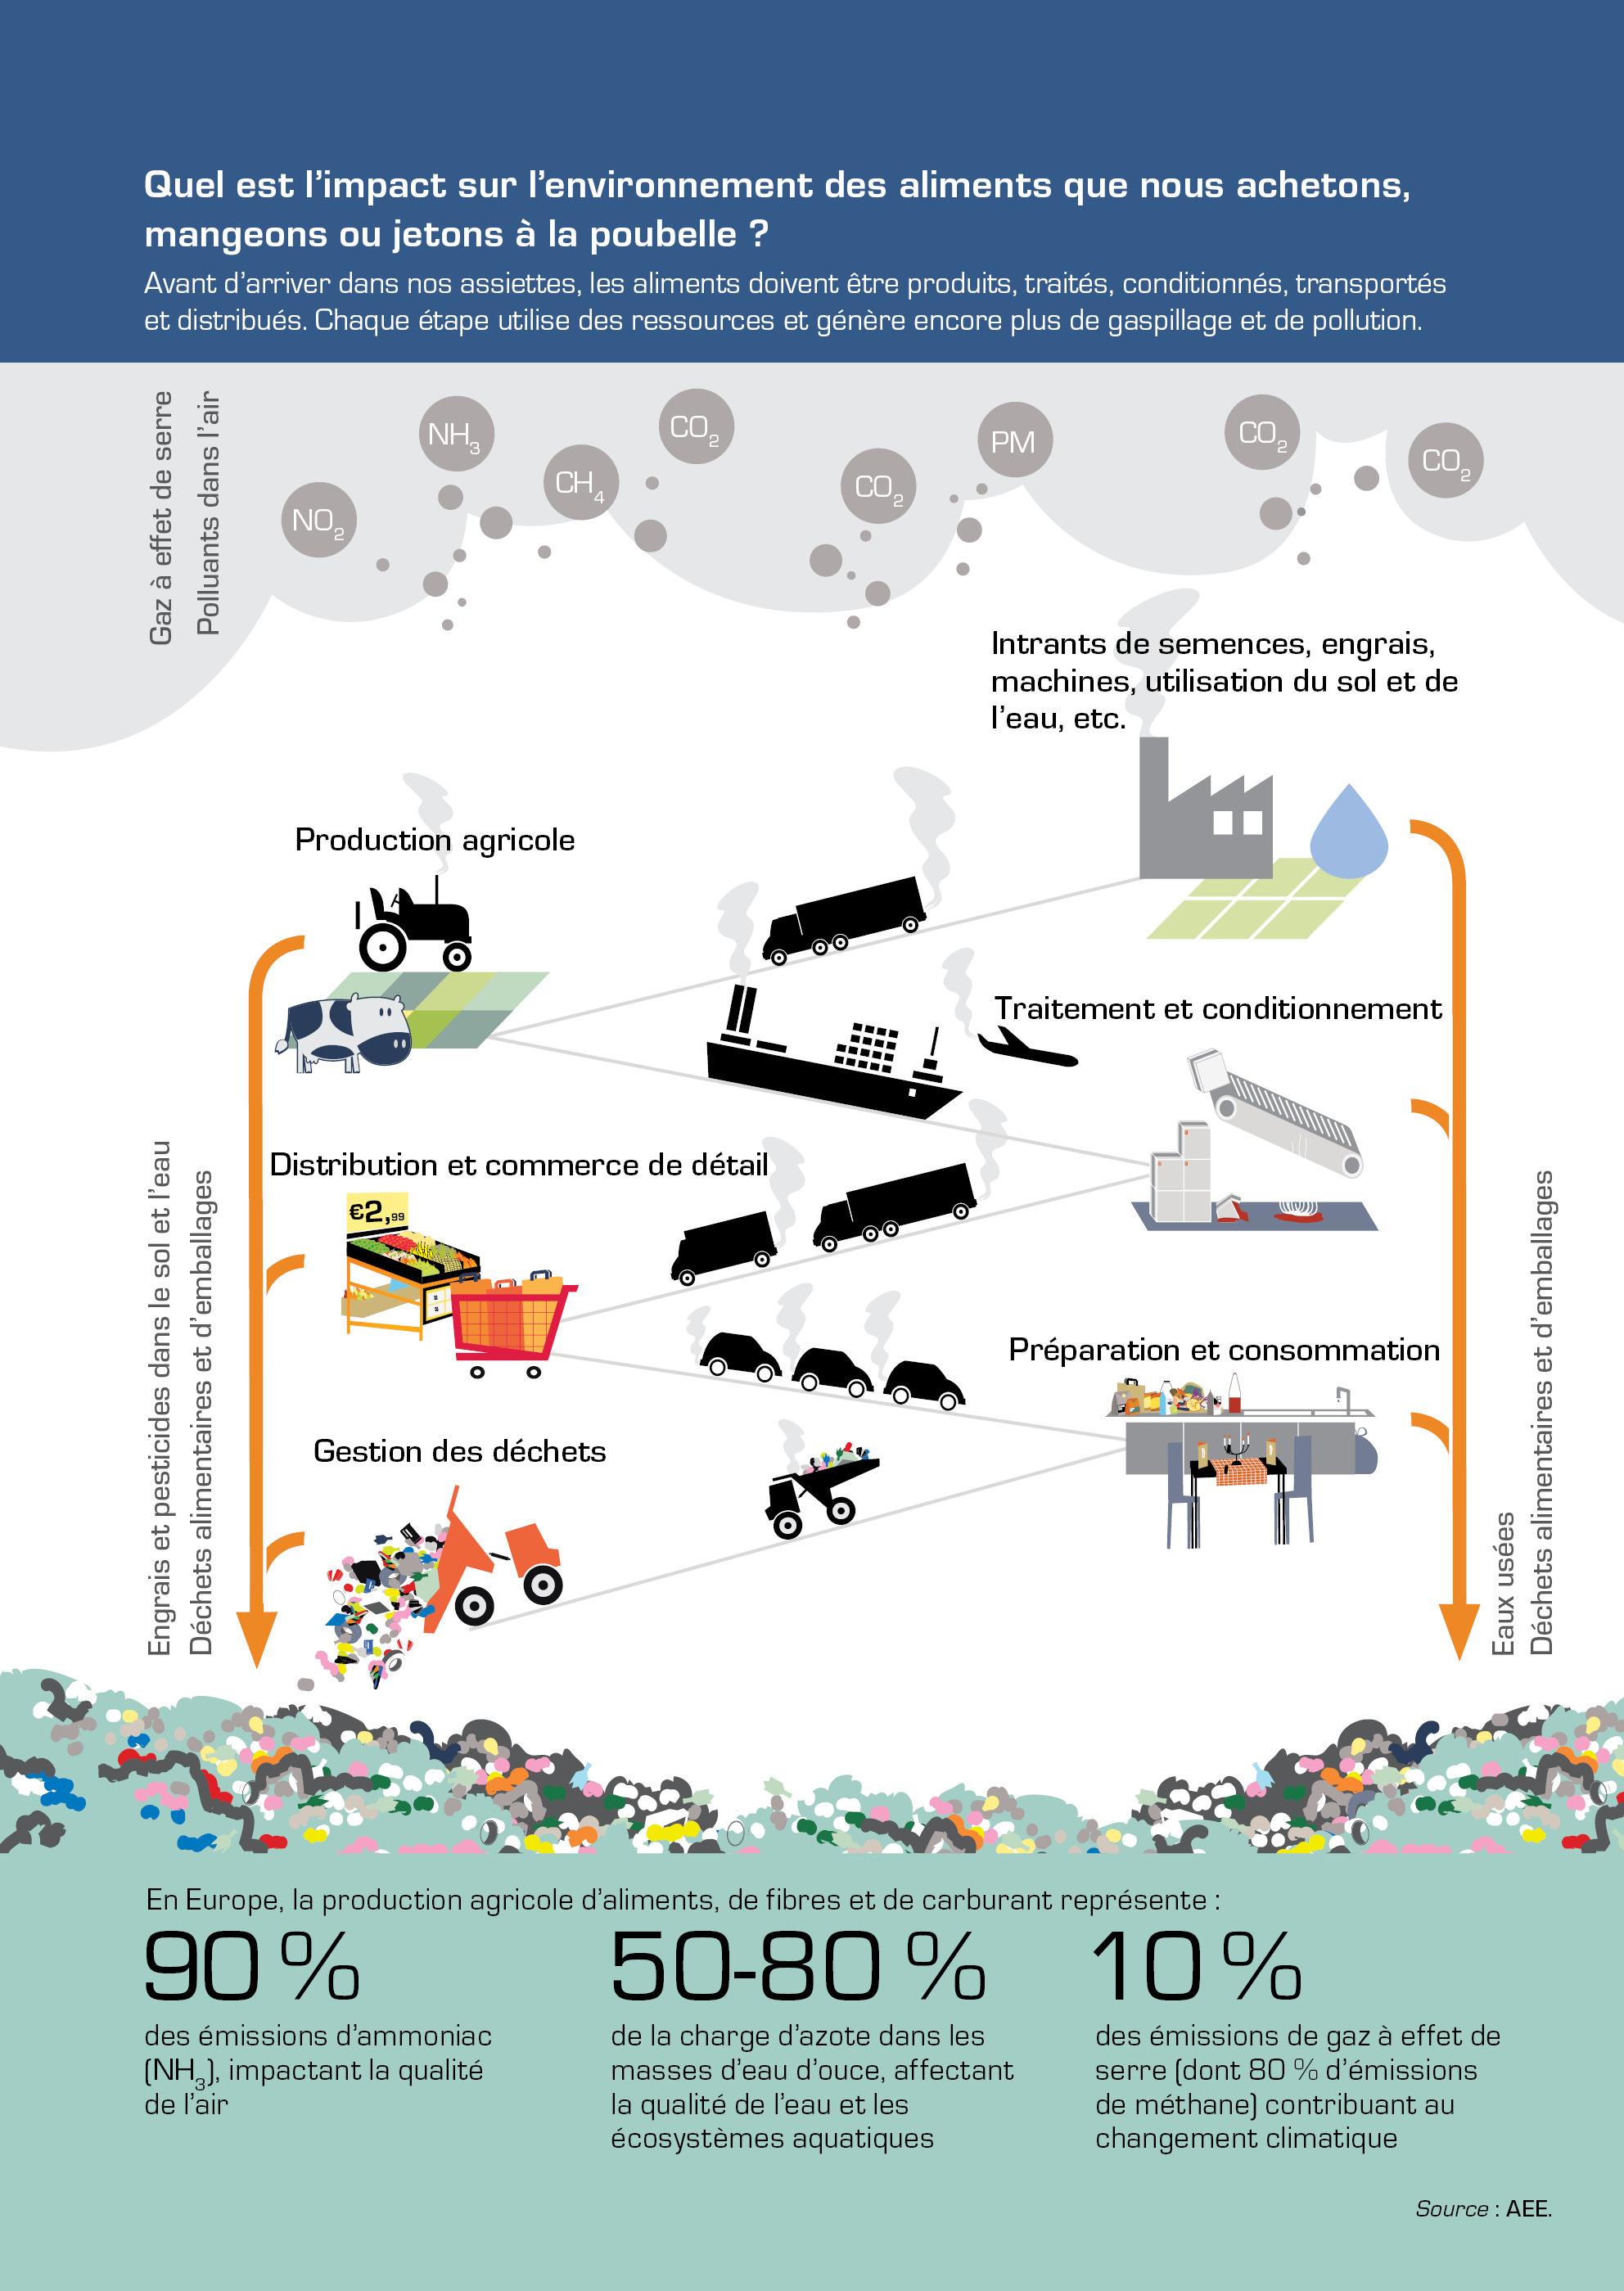 Quel est l'impact sur l'environnement des aliments que nous achetons, mangeons ou jetons à la poubelle ?